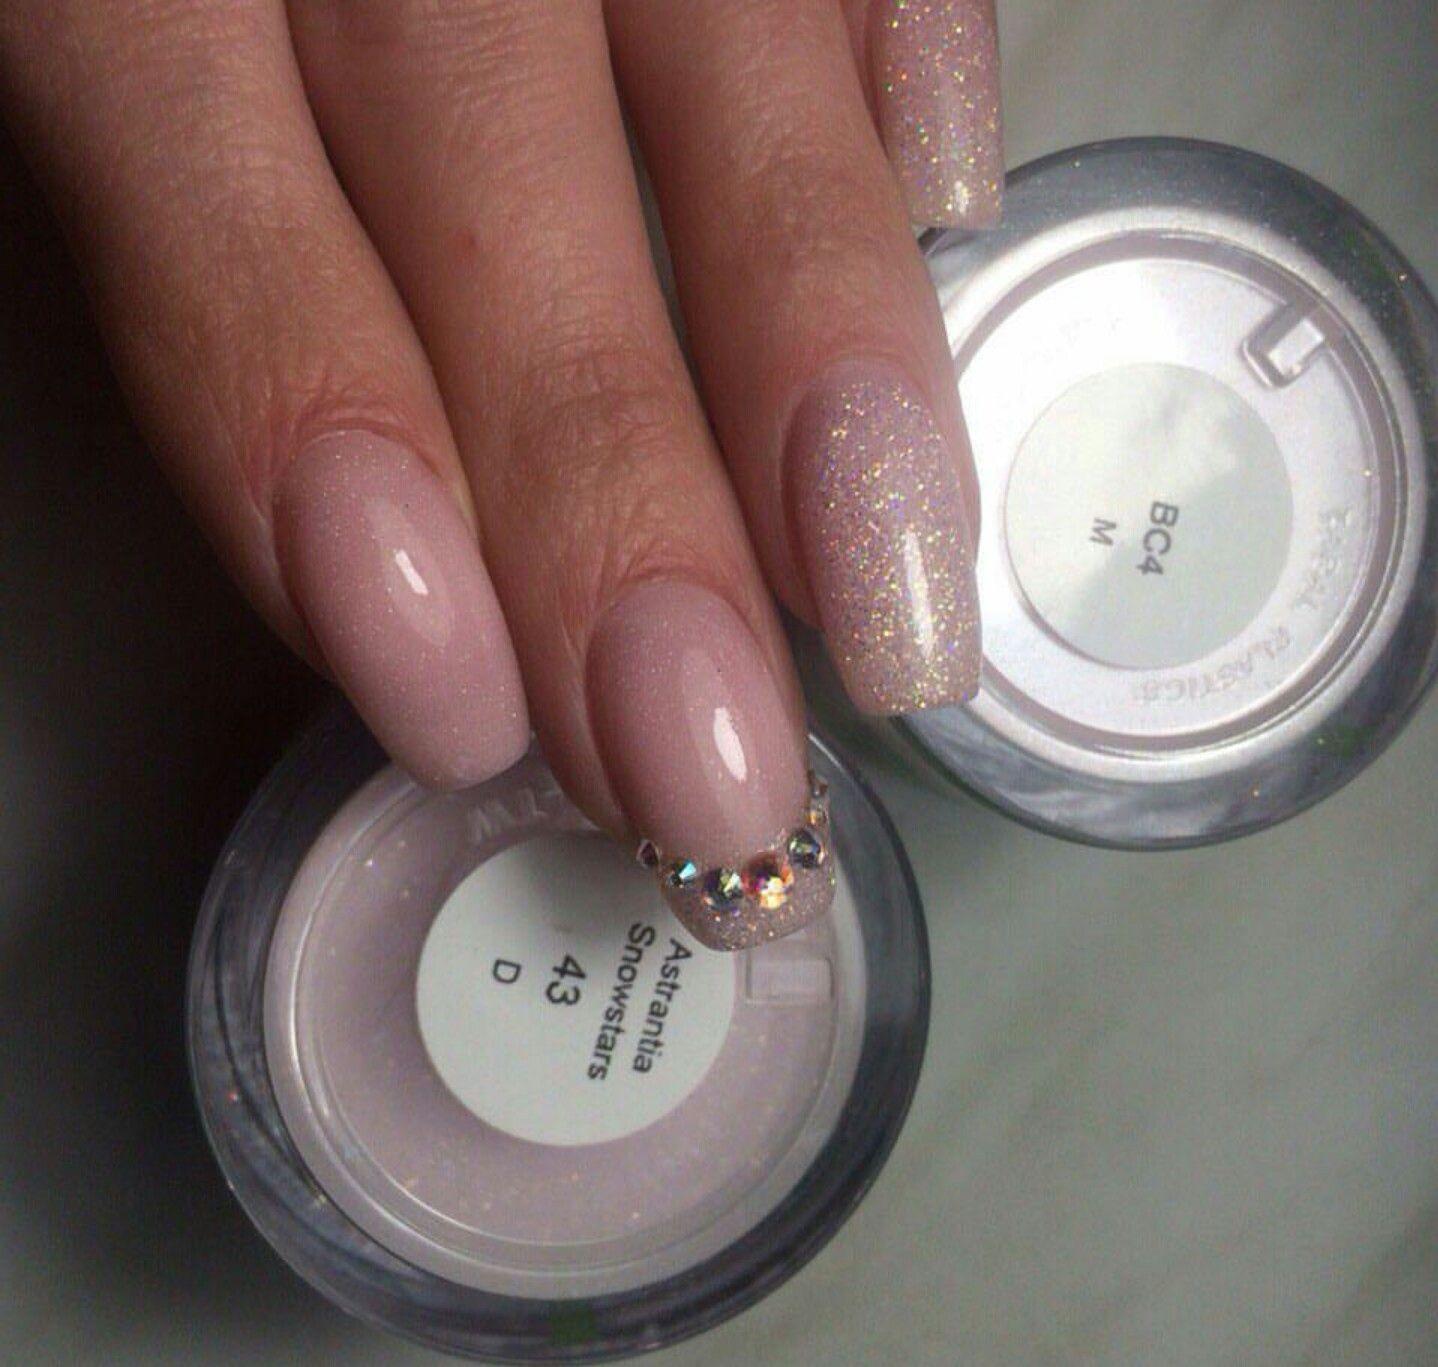 SNS dip | Dip powder | Pinterest | Dips, Sns nails and Dipped nails